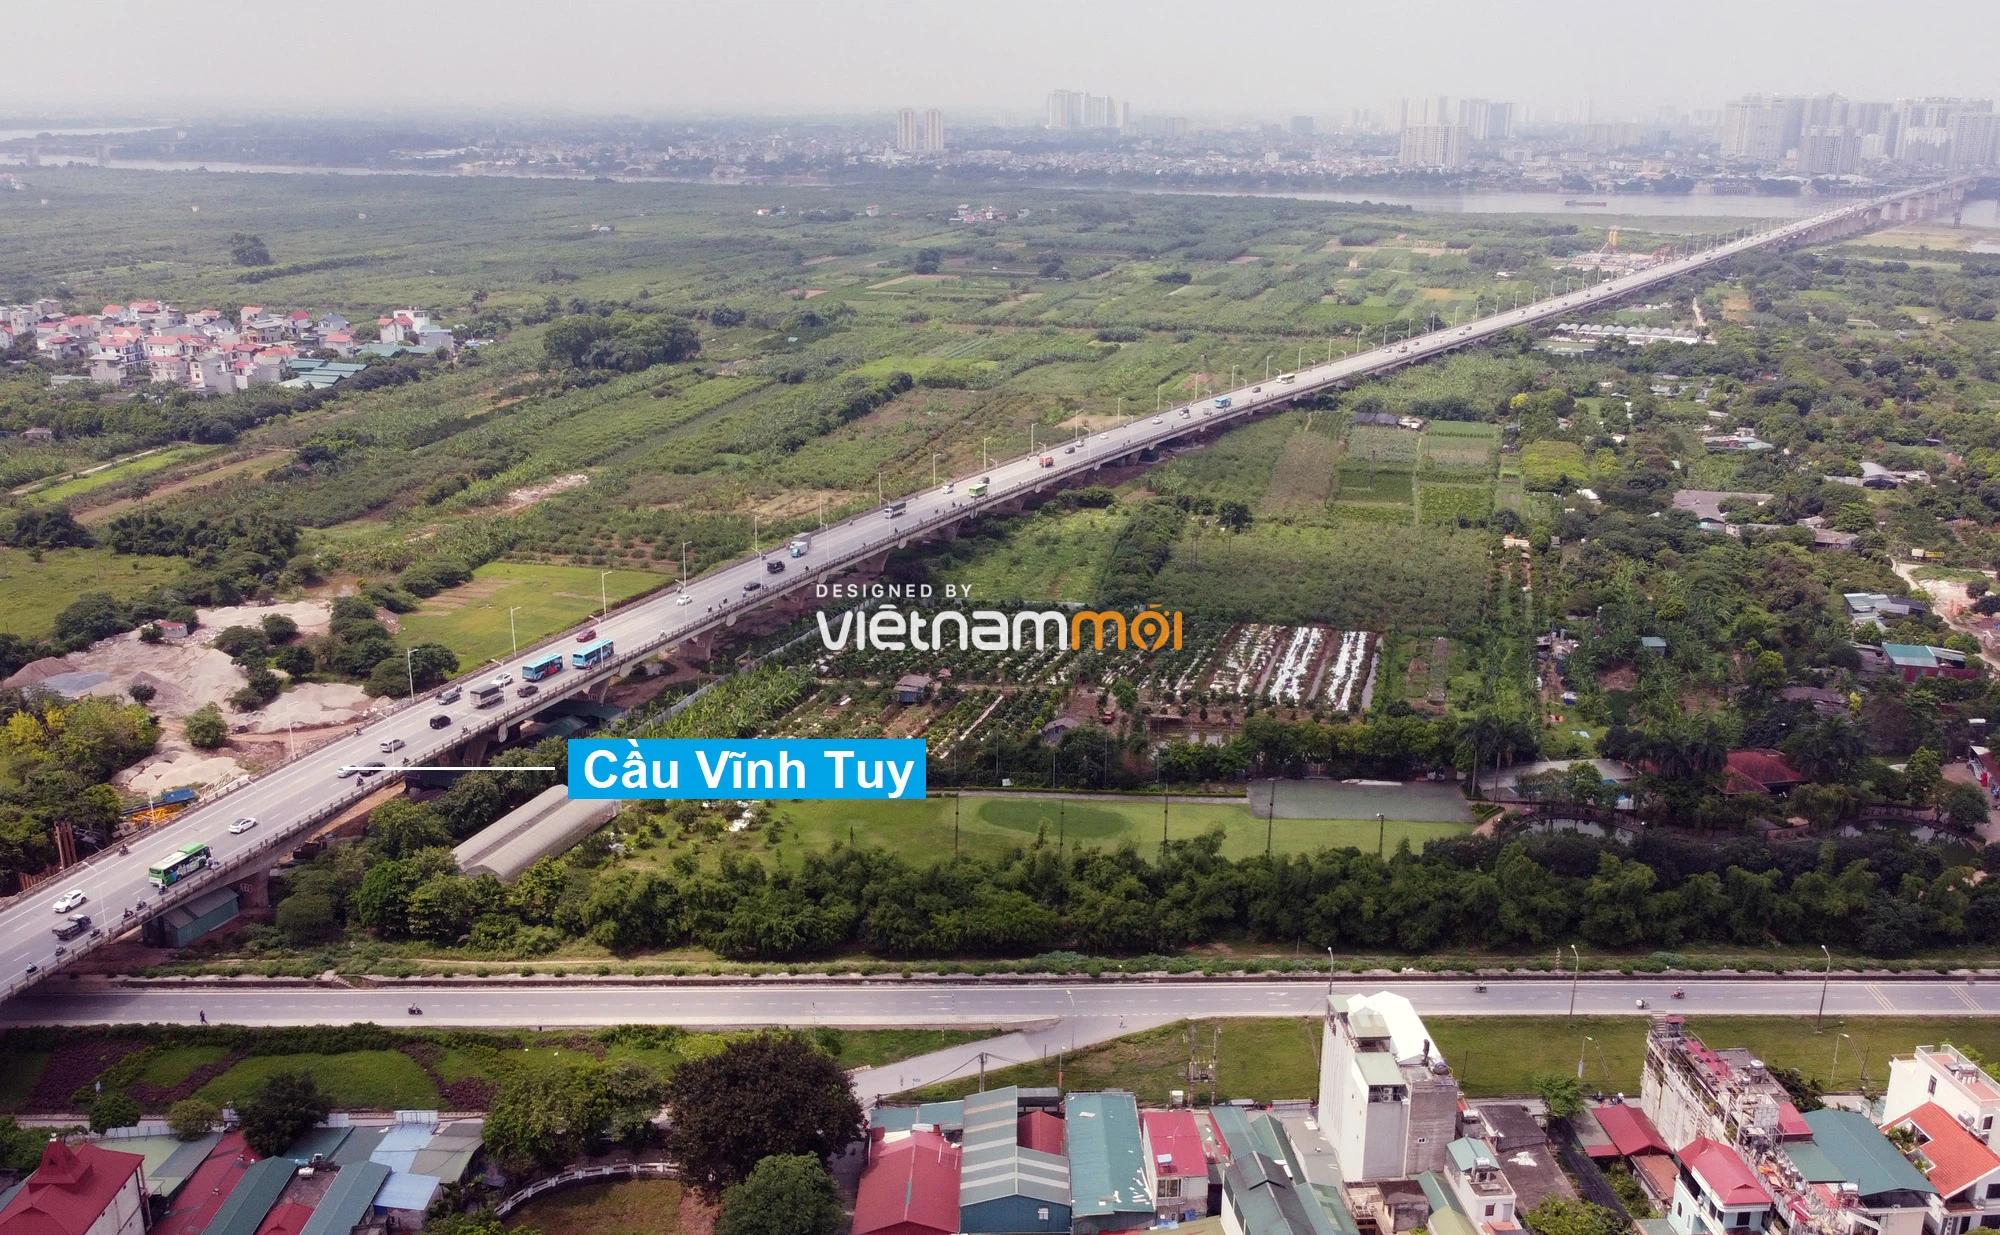 Hà Nội: Toàn cảnh hai bãi sông Hồng được phép xây dựng - Ảnh 15.